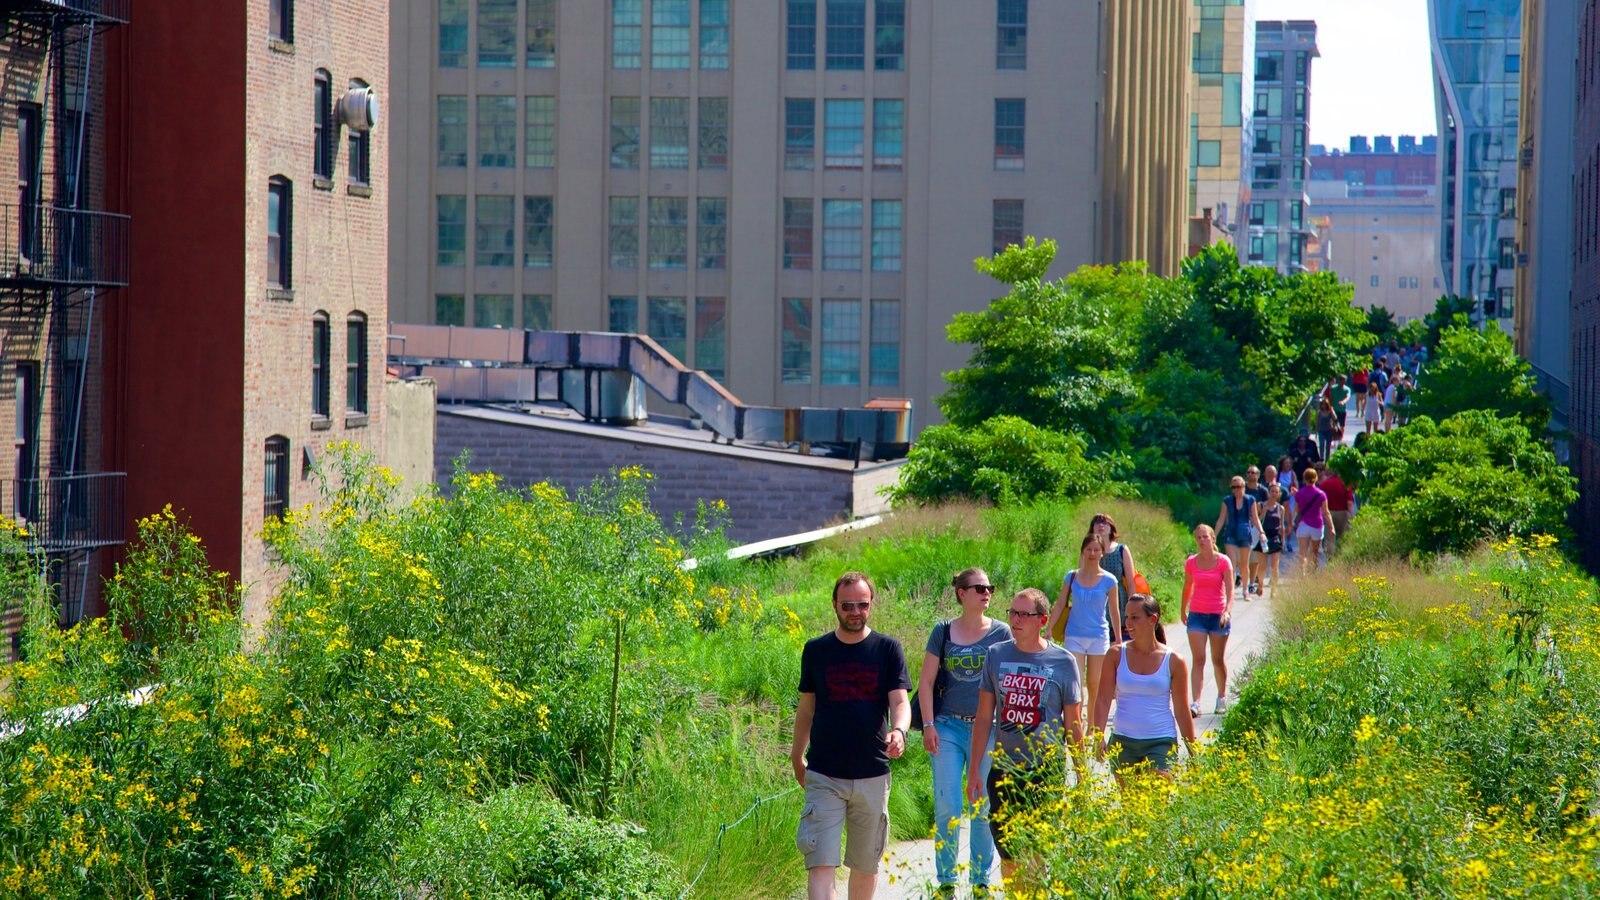 The High Line Park mostrando uma cidade assim como um grande grupo de pessoas